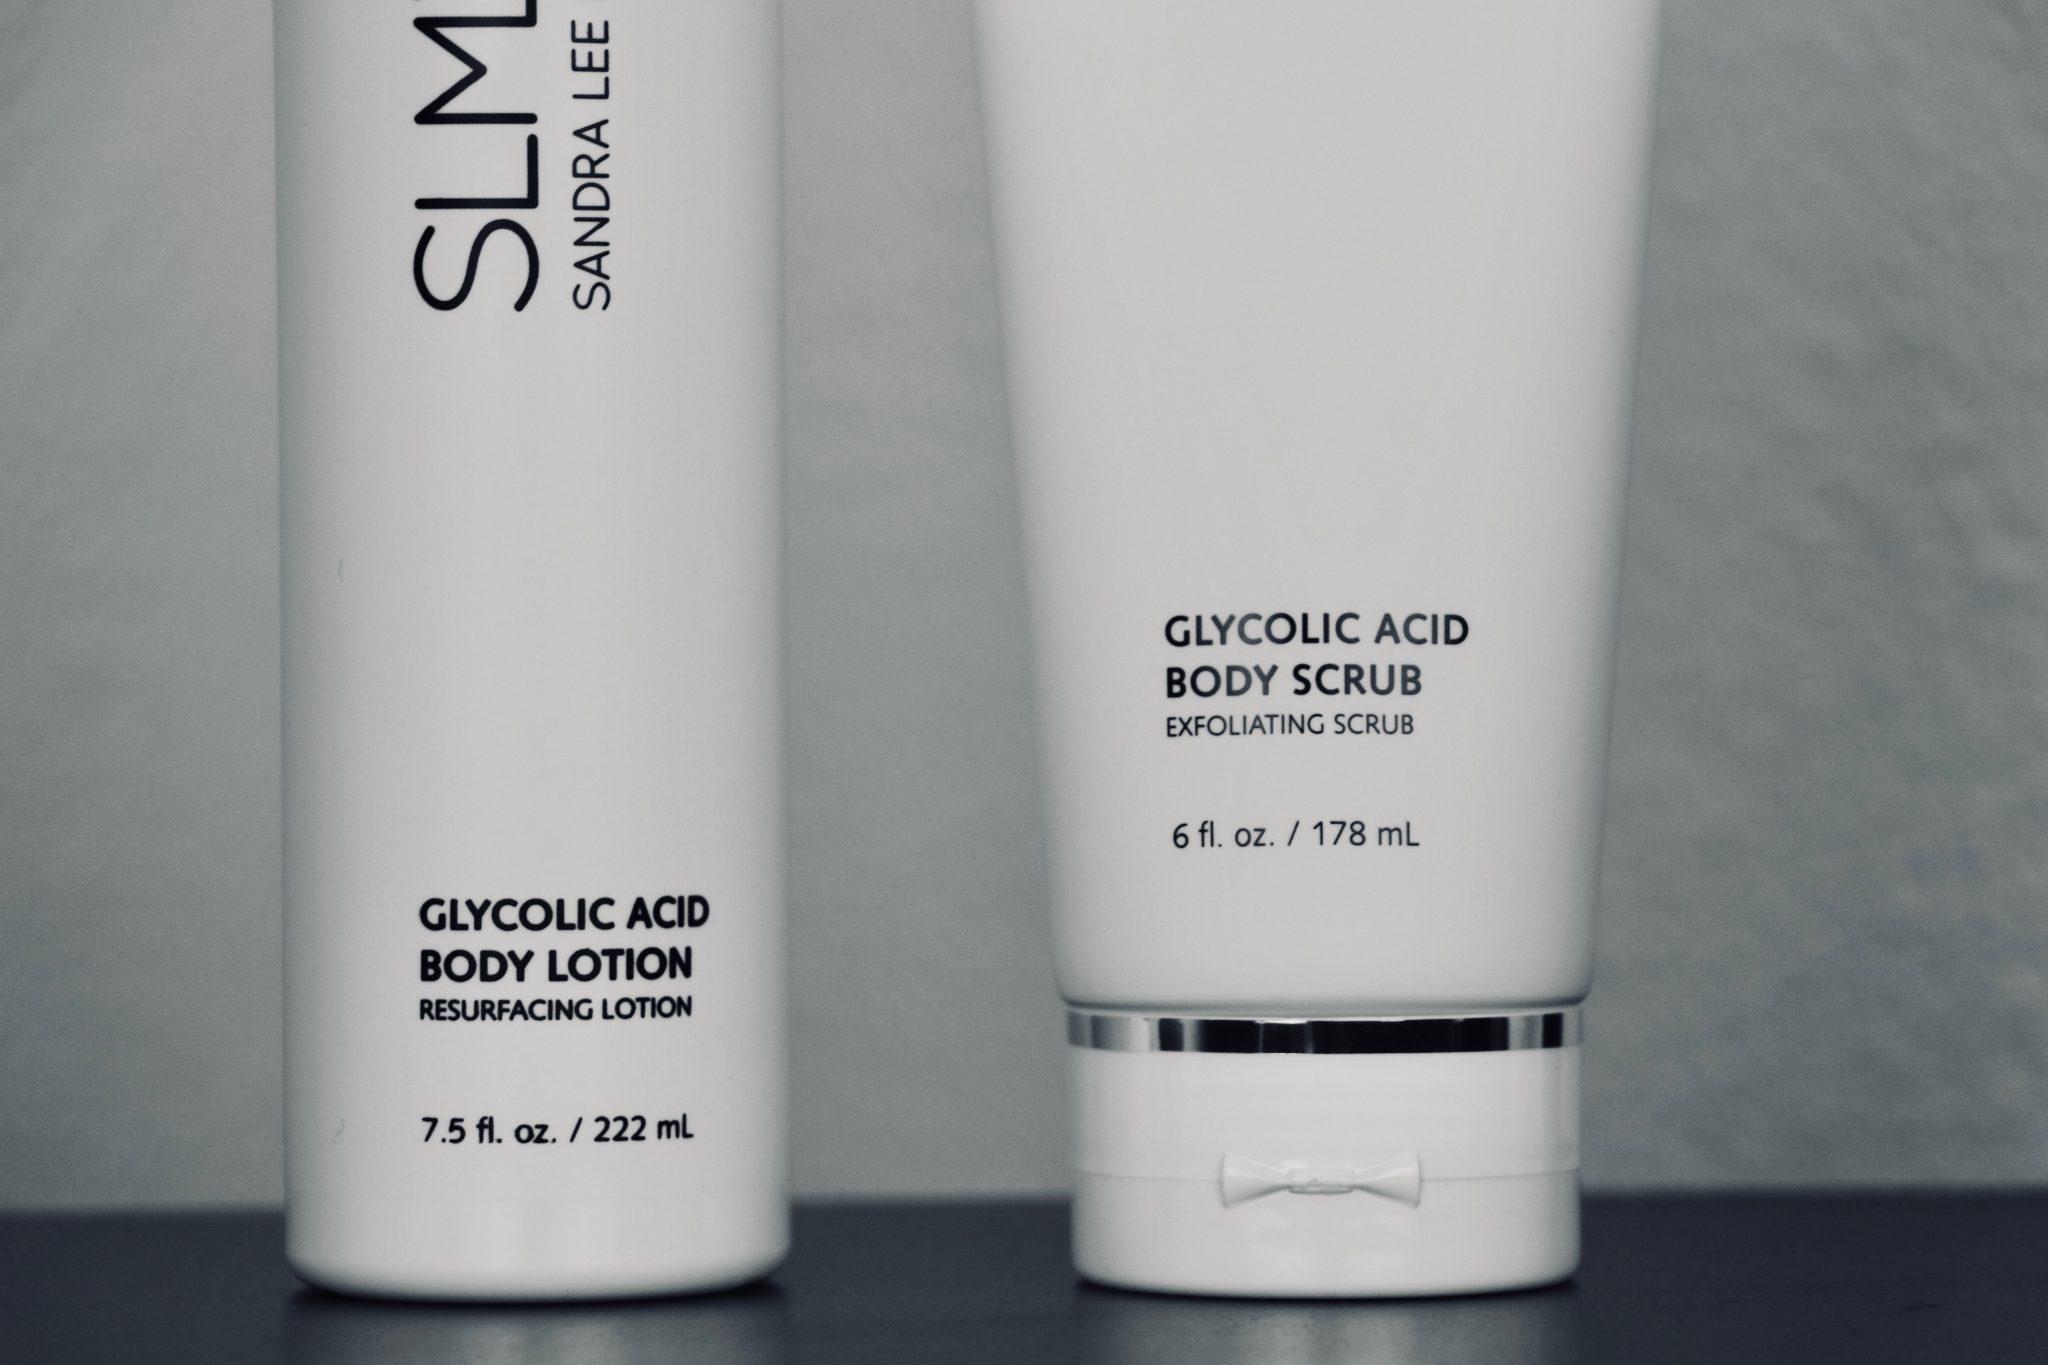 SMLD Glycolic Acid Body Scrub packaging